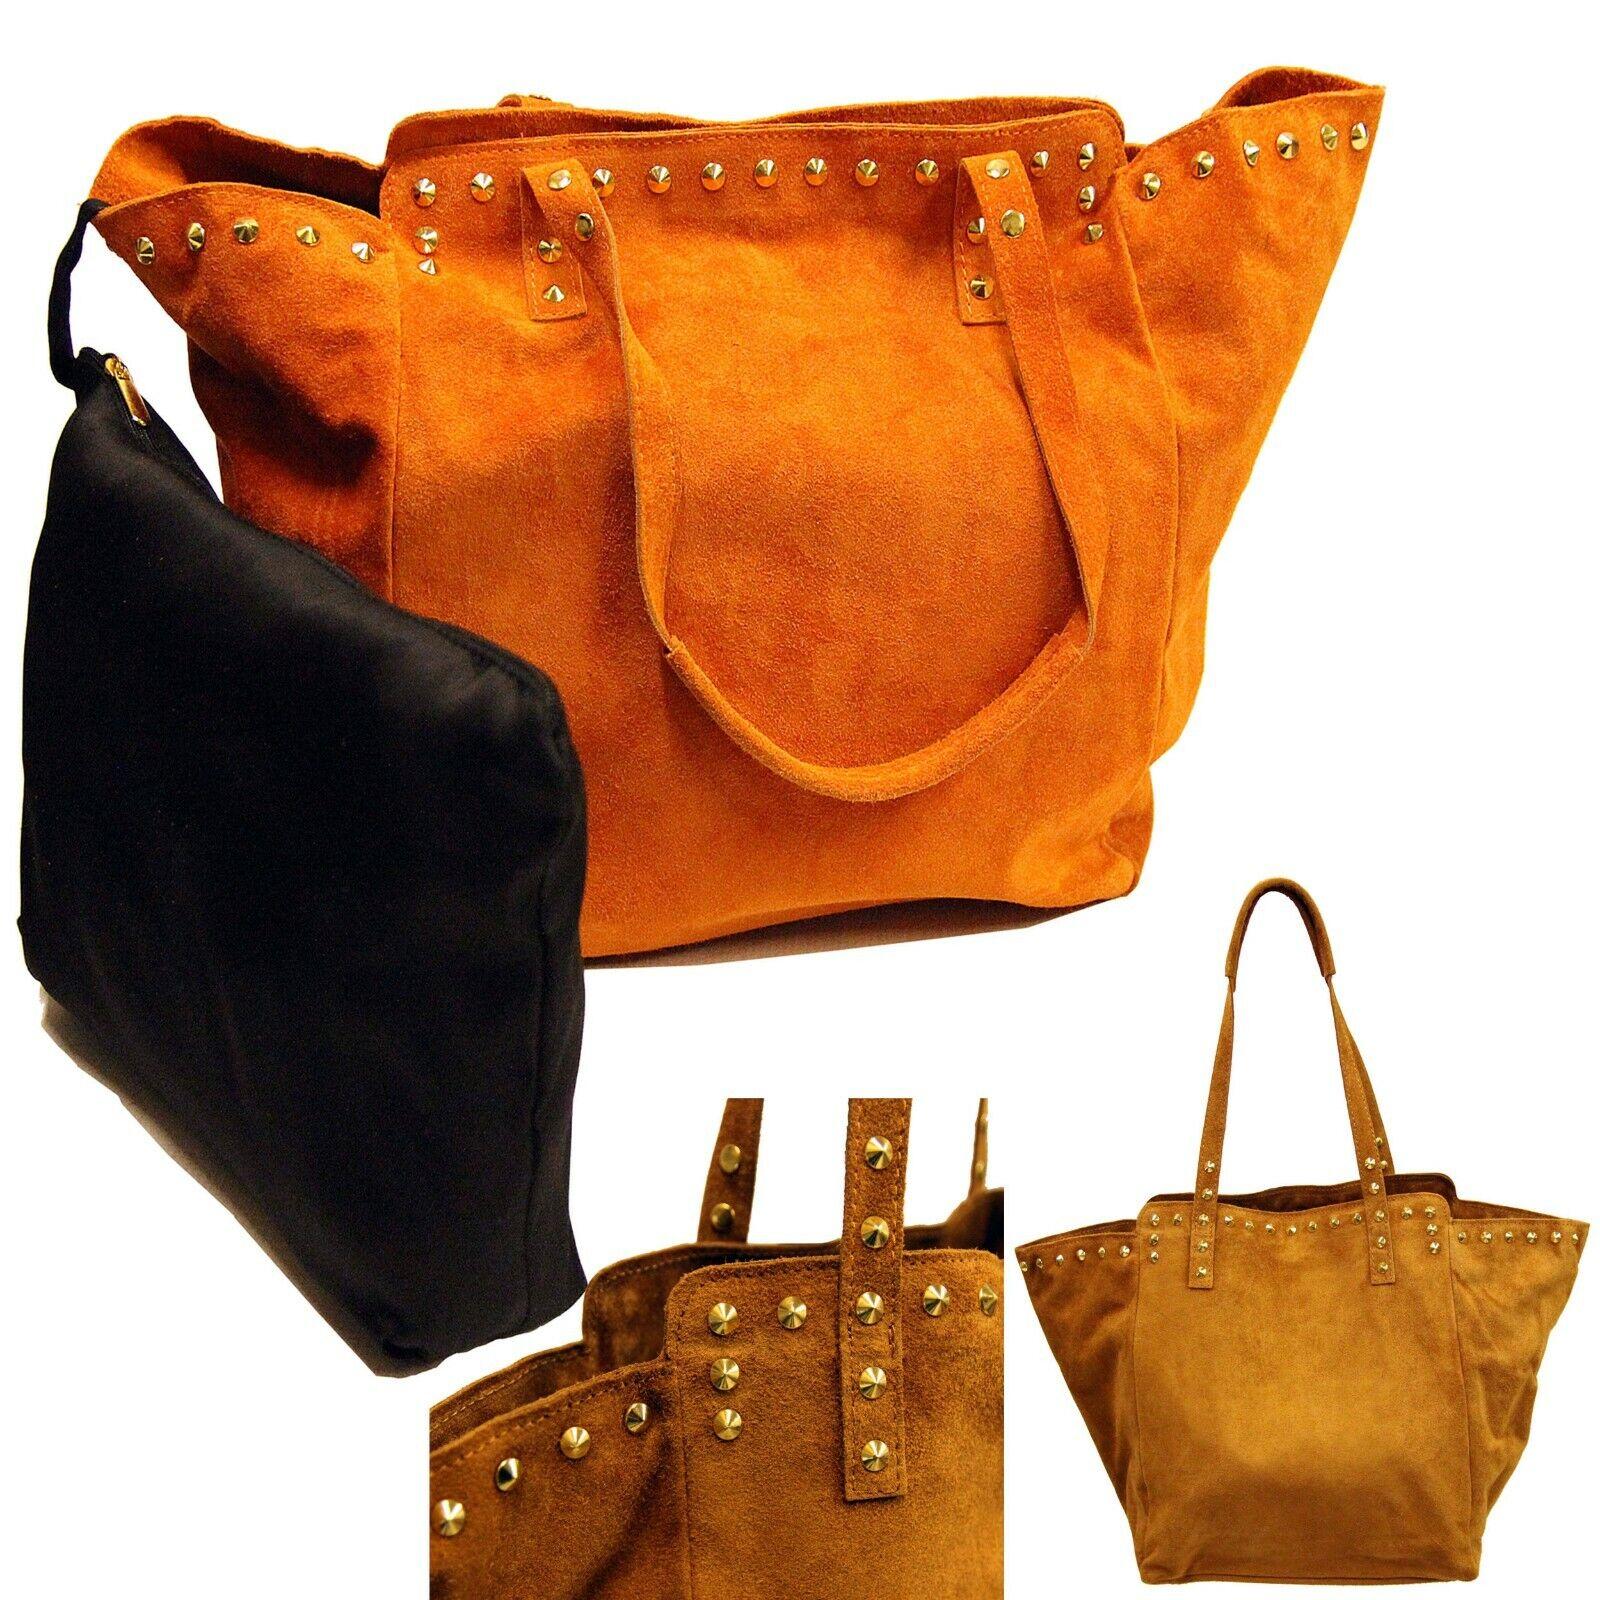 Damen Handtasche Leder Echtleder Luxus klein groß Nieten 2er Set Umhängetasche